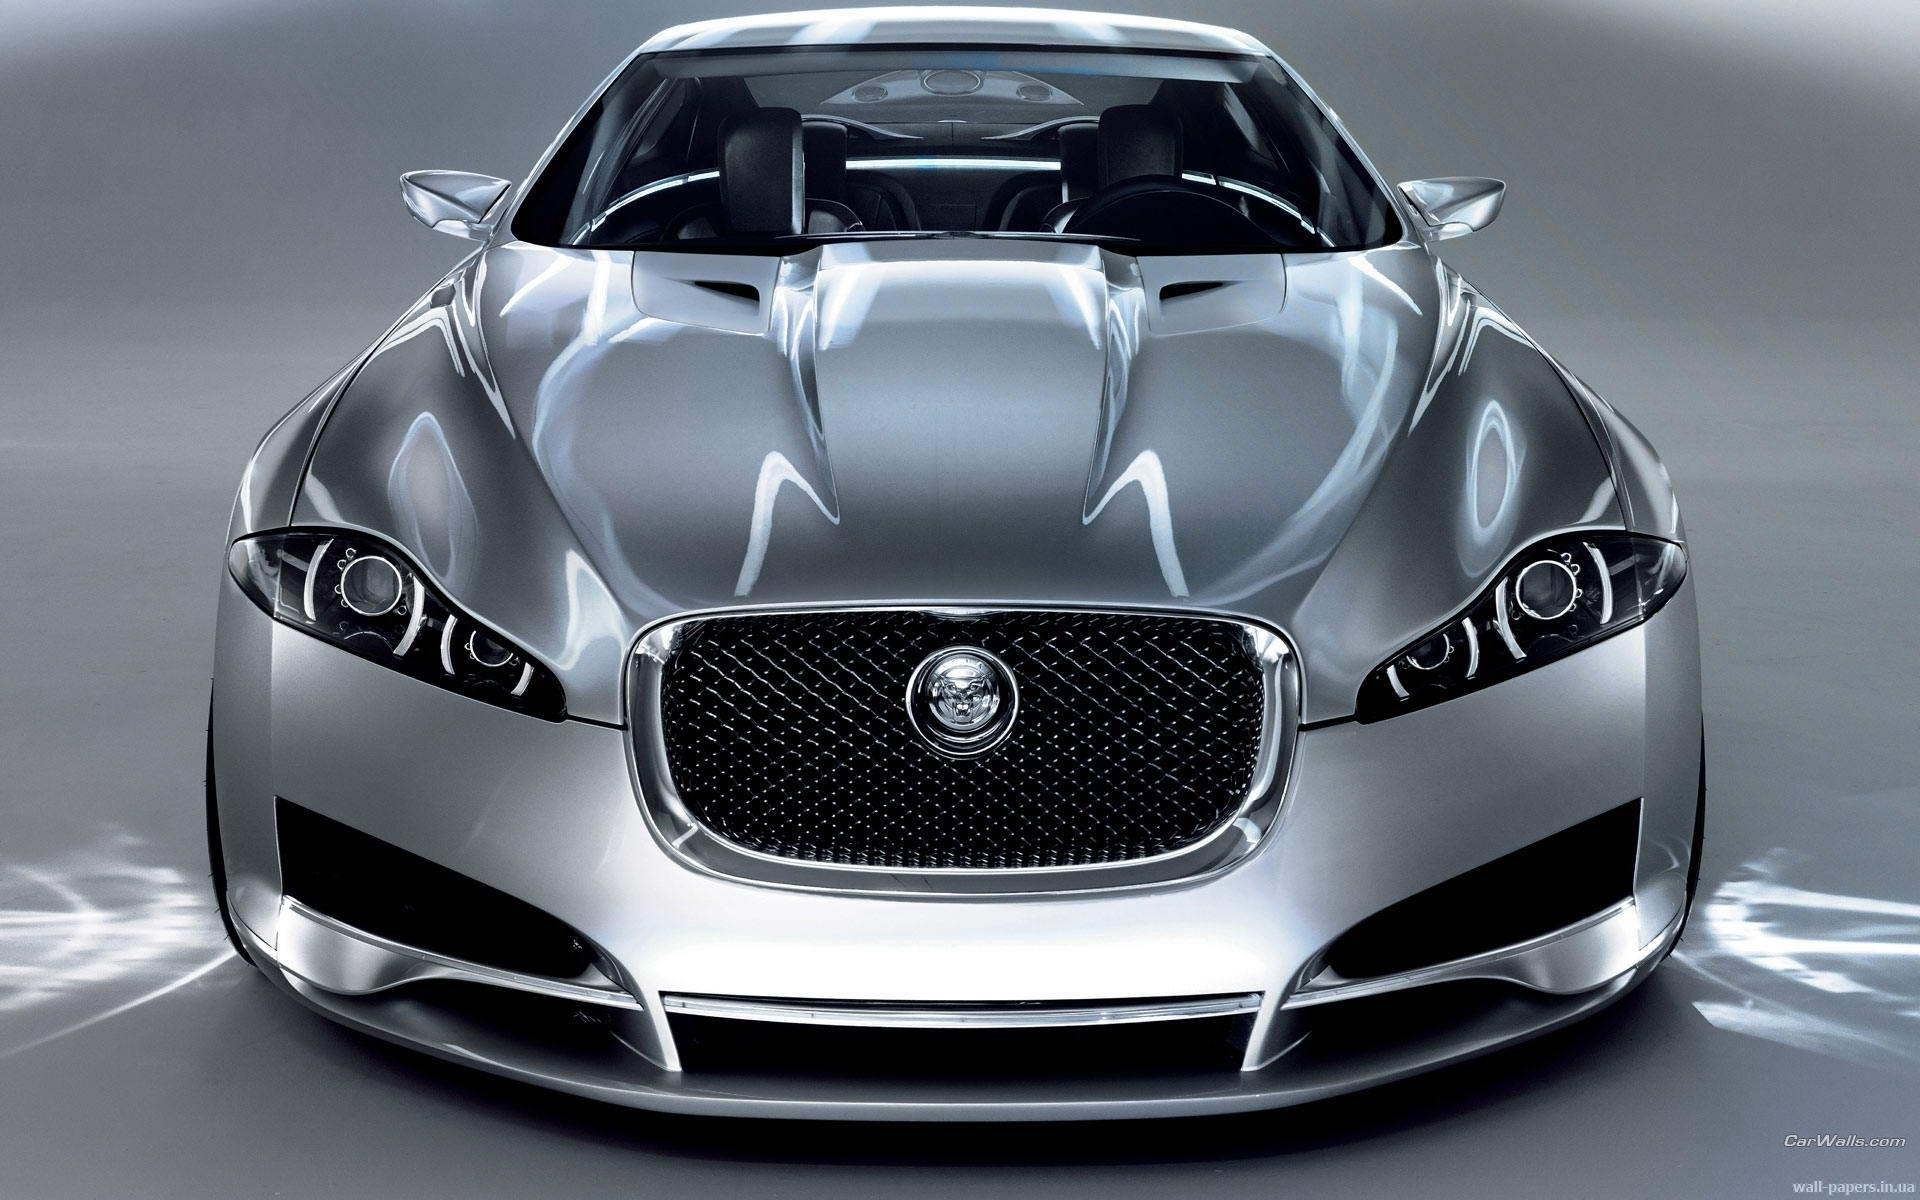 3148 скачать обои Транспорт, Машины, Ягуар (Jaguar) - заставки и картинки бесплатно